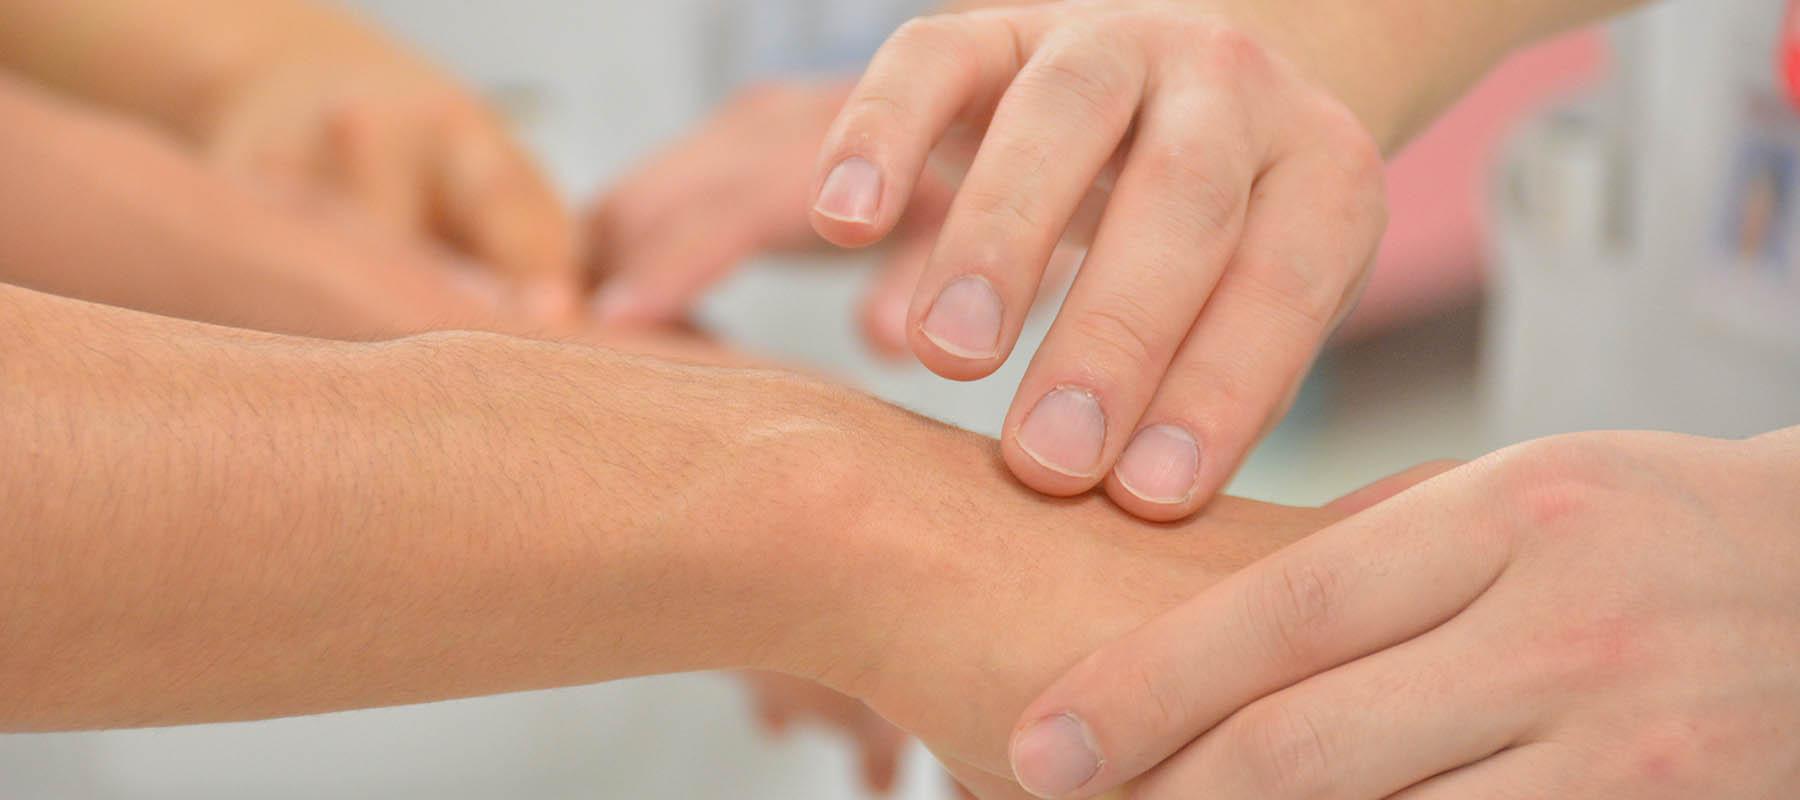 Traitement ostéopathique de la tête au pied